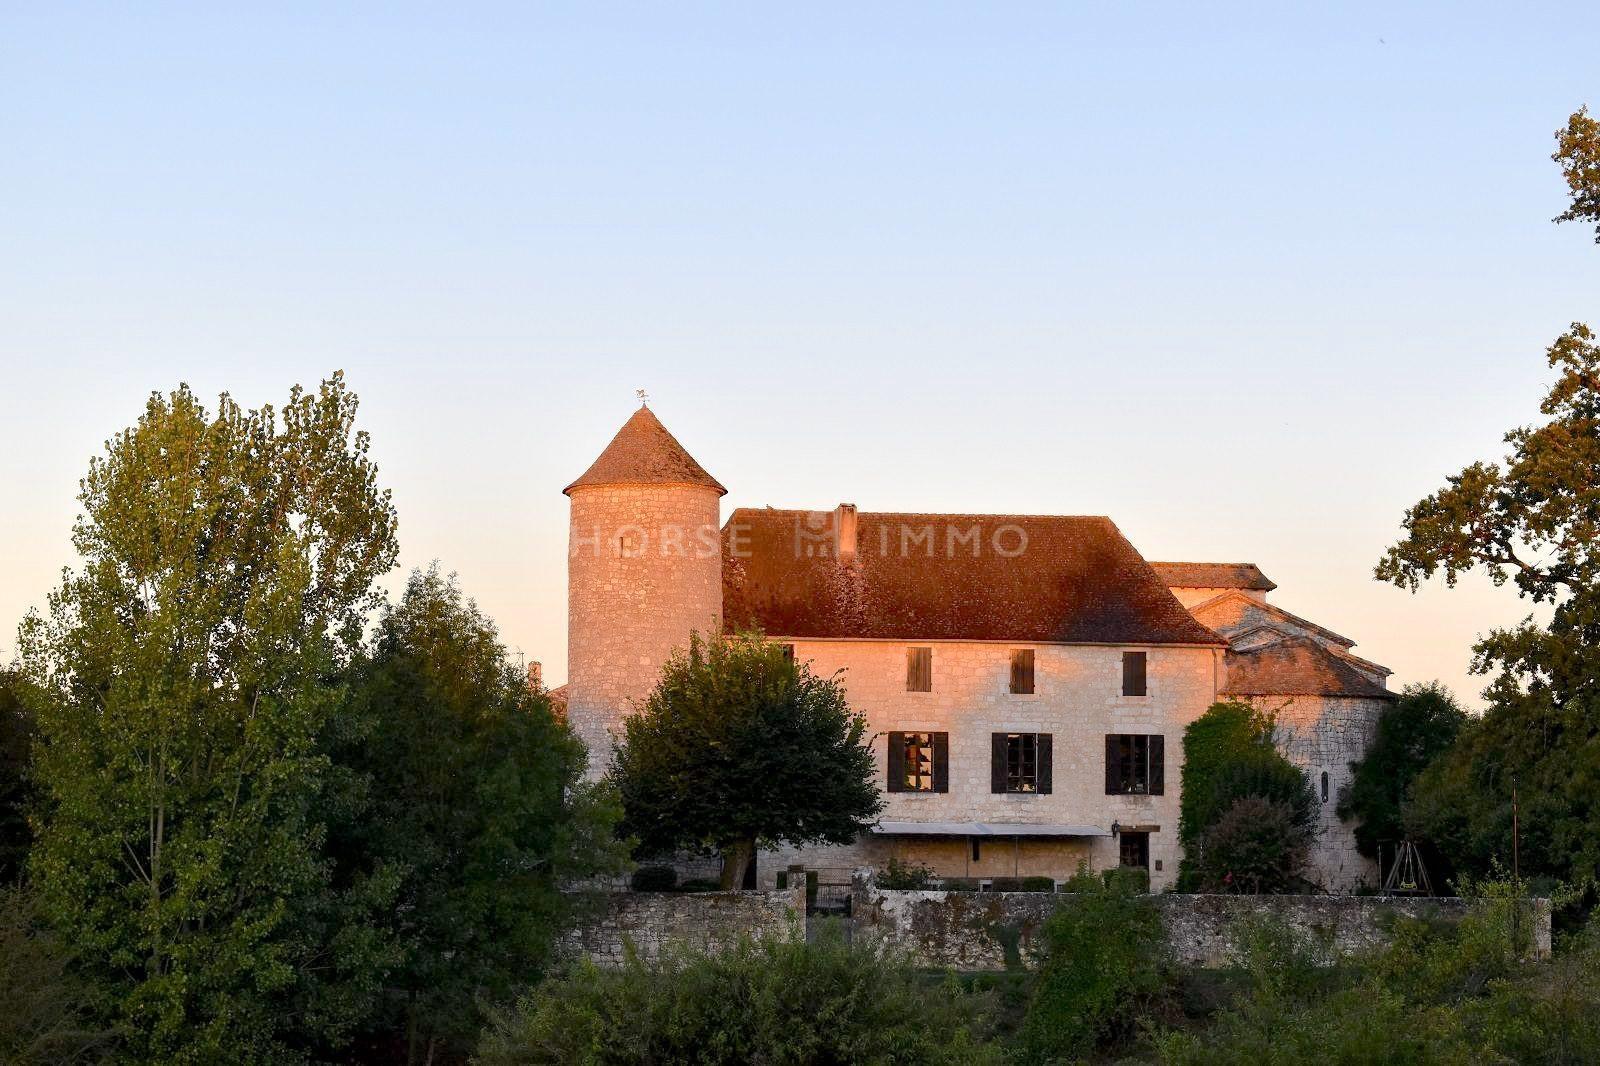 1615973471 VM1712 9 original - Château de 340m² sur 3.5ha à 15 min de Bergerac